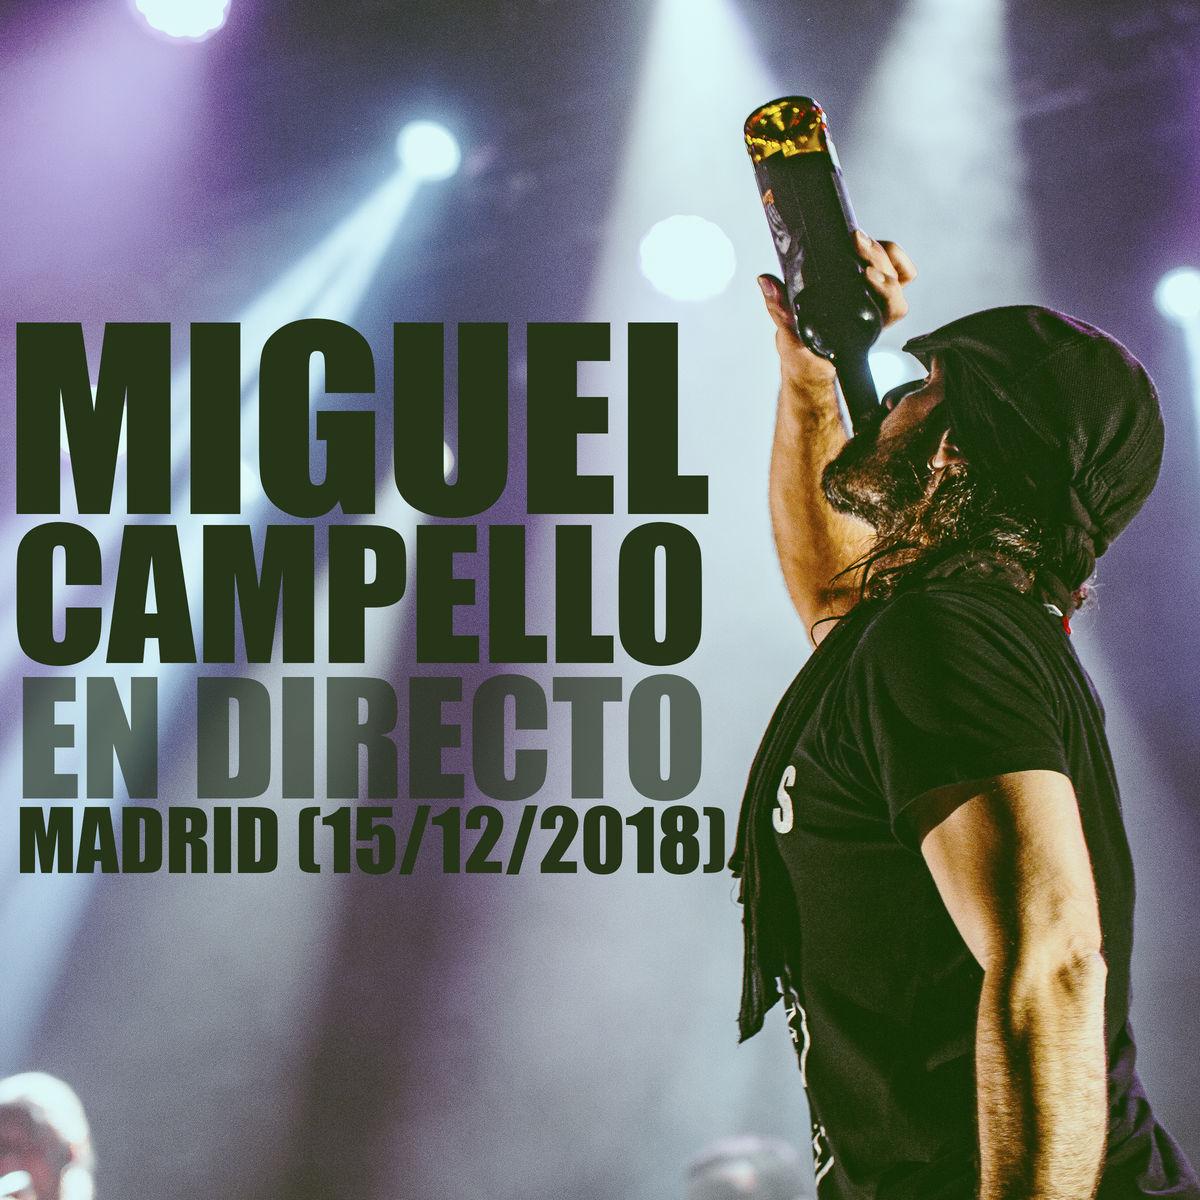 Miguel Campello en directo